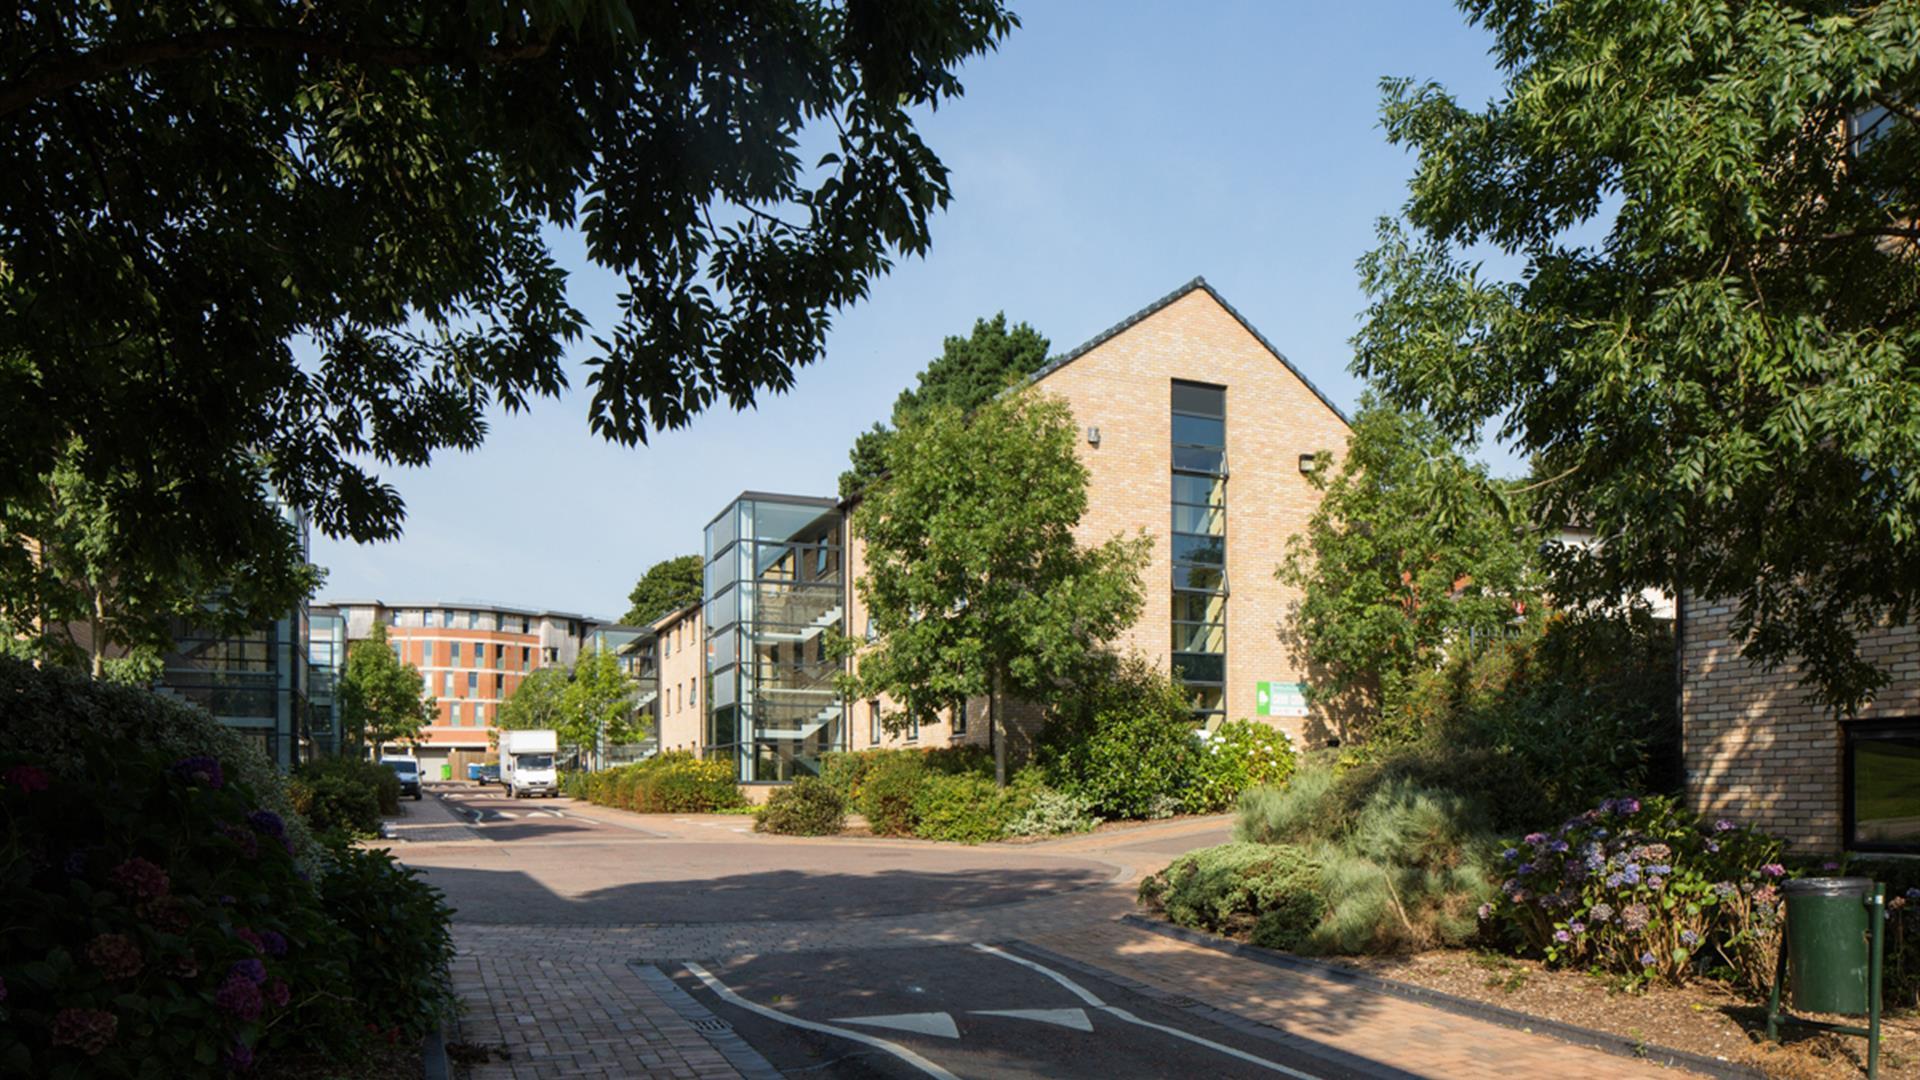 Queen's University Elms BT9